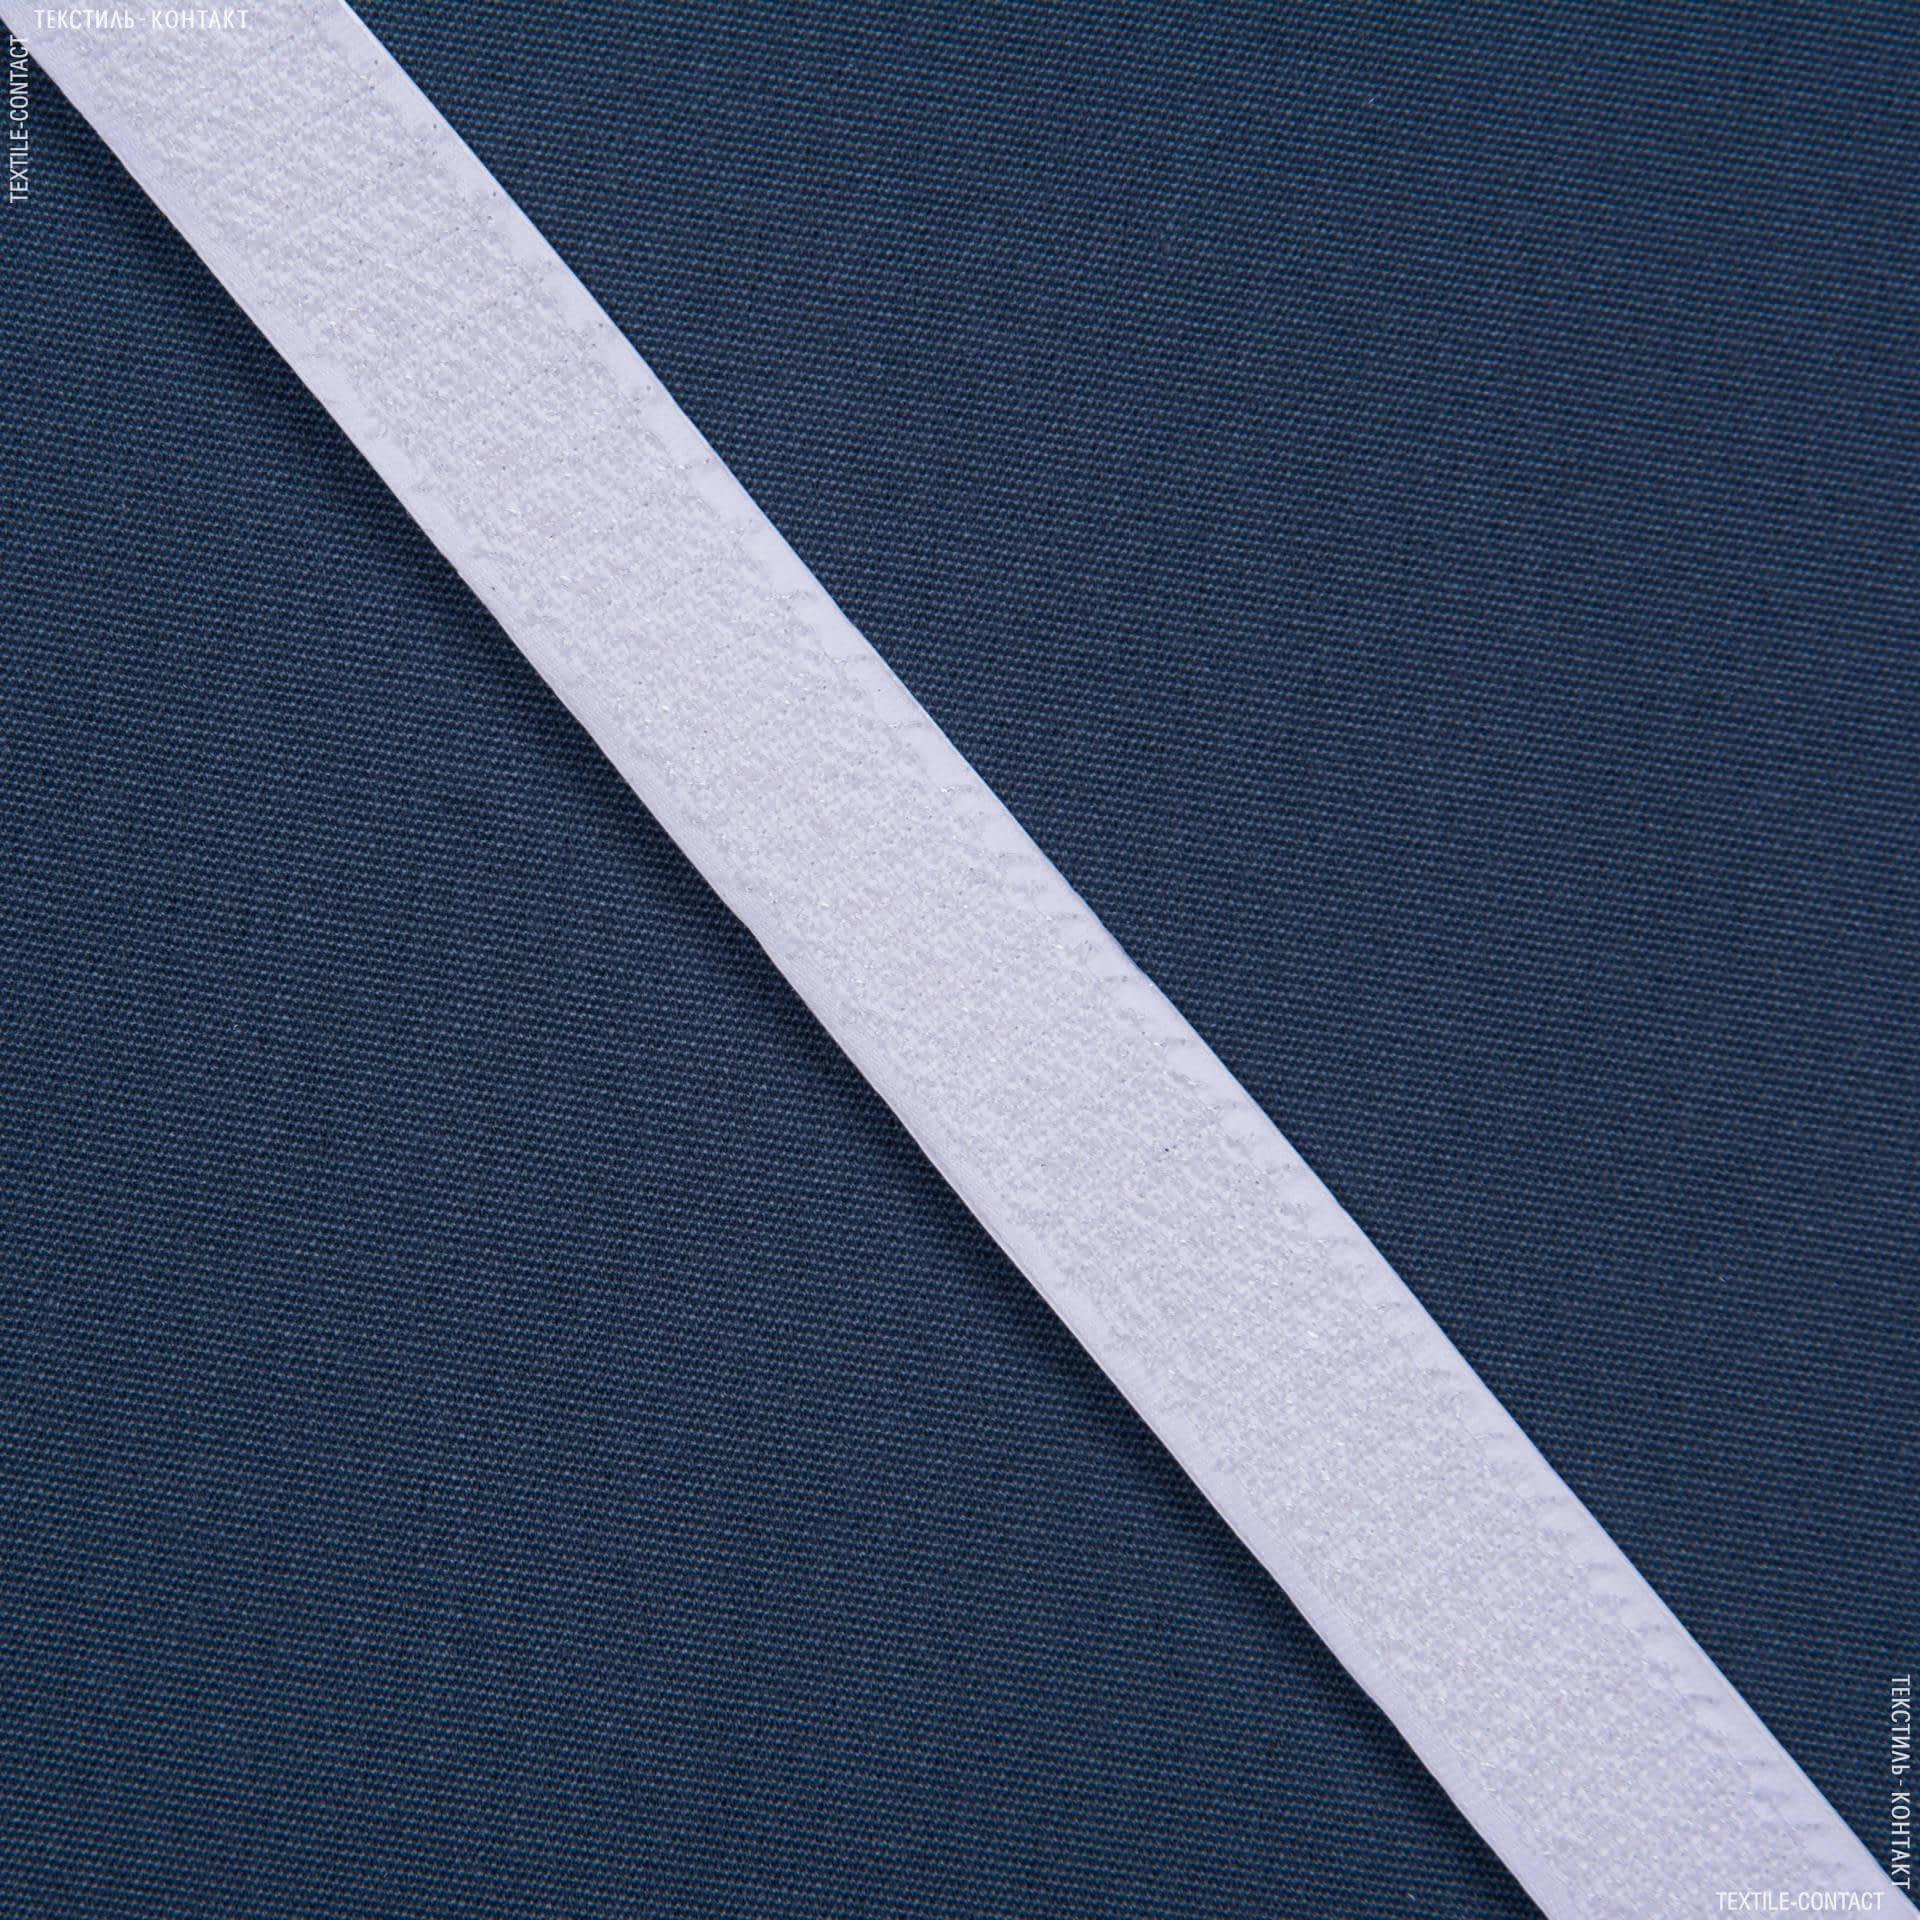 Ткани фурнитура для декора - ЛИПУЧКА  Велкро КЛЕЕВАЯ ЖЕСТКАЯ БЕЛАЯ 20мм/25М